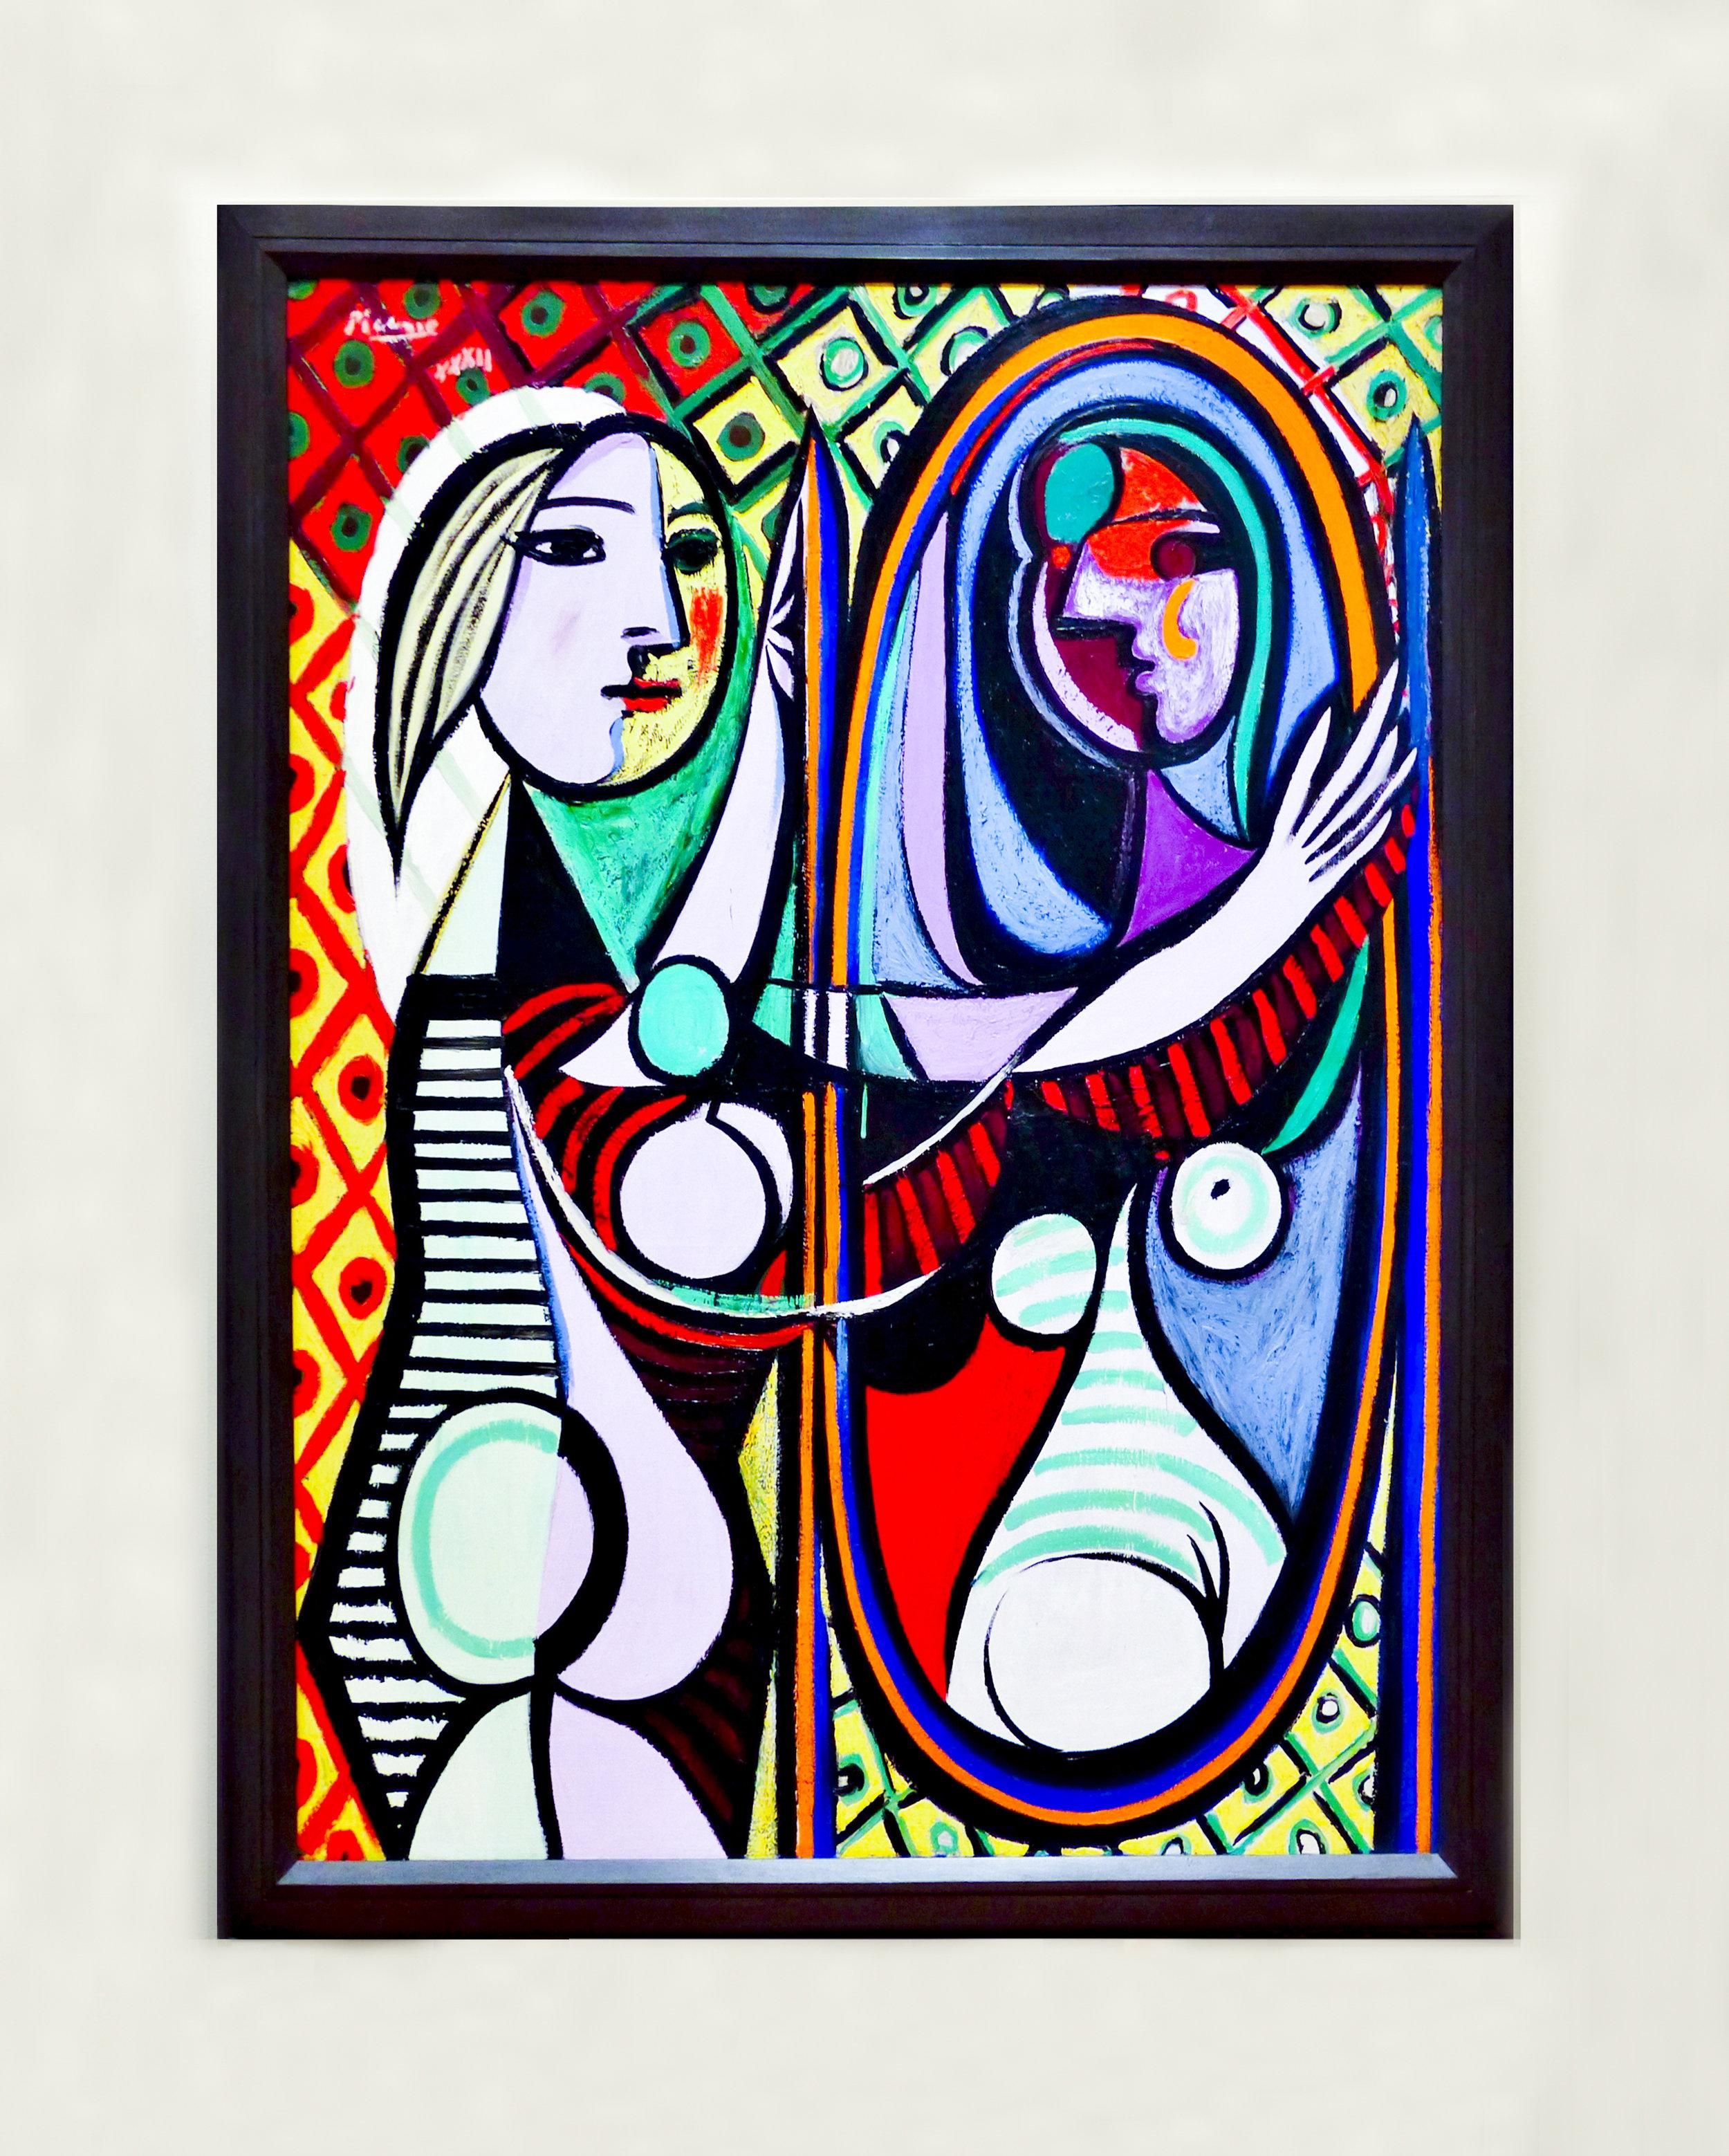 Pablo Picasso, 'Jeune file devant un miroir', March 1932, oil on canvas, Museum of Modern Art, New York